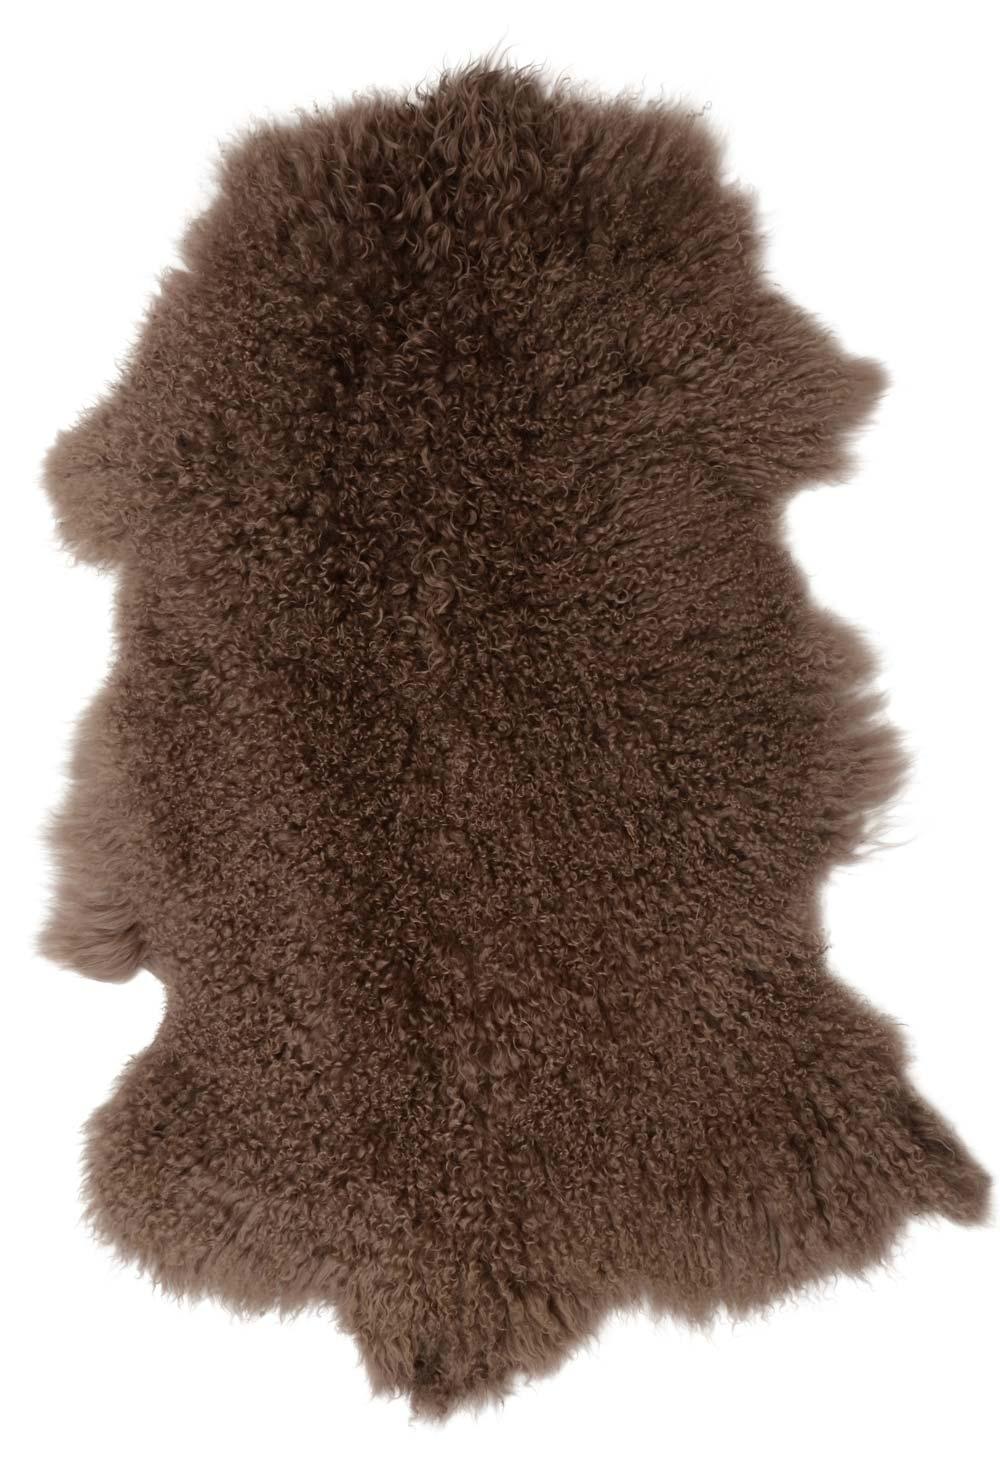 Ib laursen tibetansk lammeskind - brunfarvet lammeskind, asymmetrisk, (90x50cm) fra ib laursen på boboonline.dk